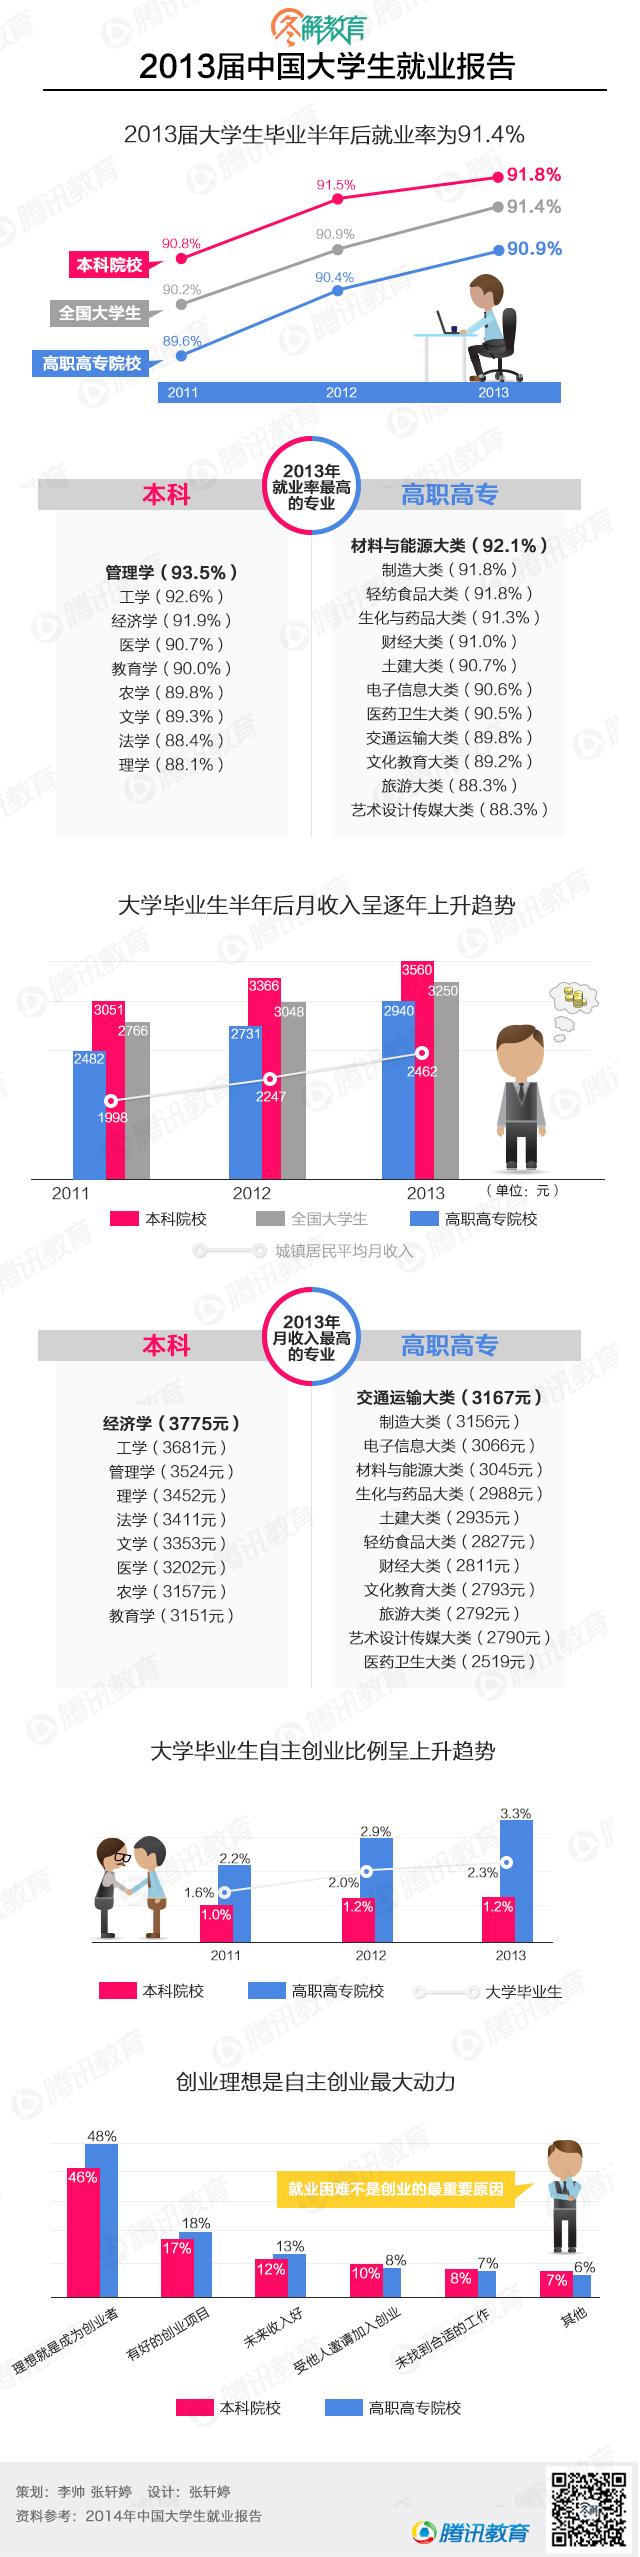 2013届中国大学生就业报告